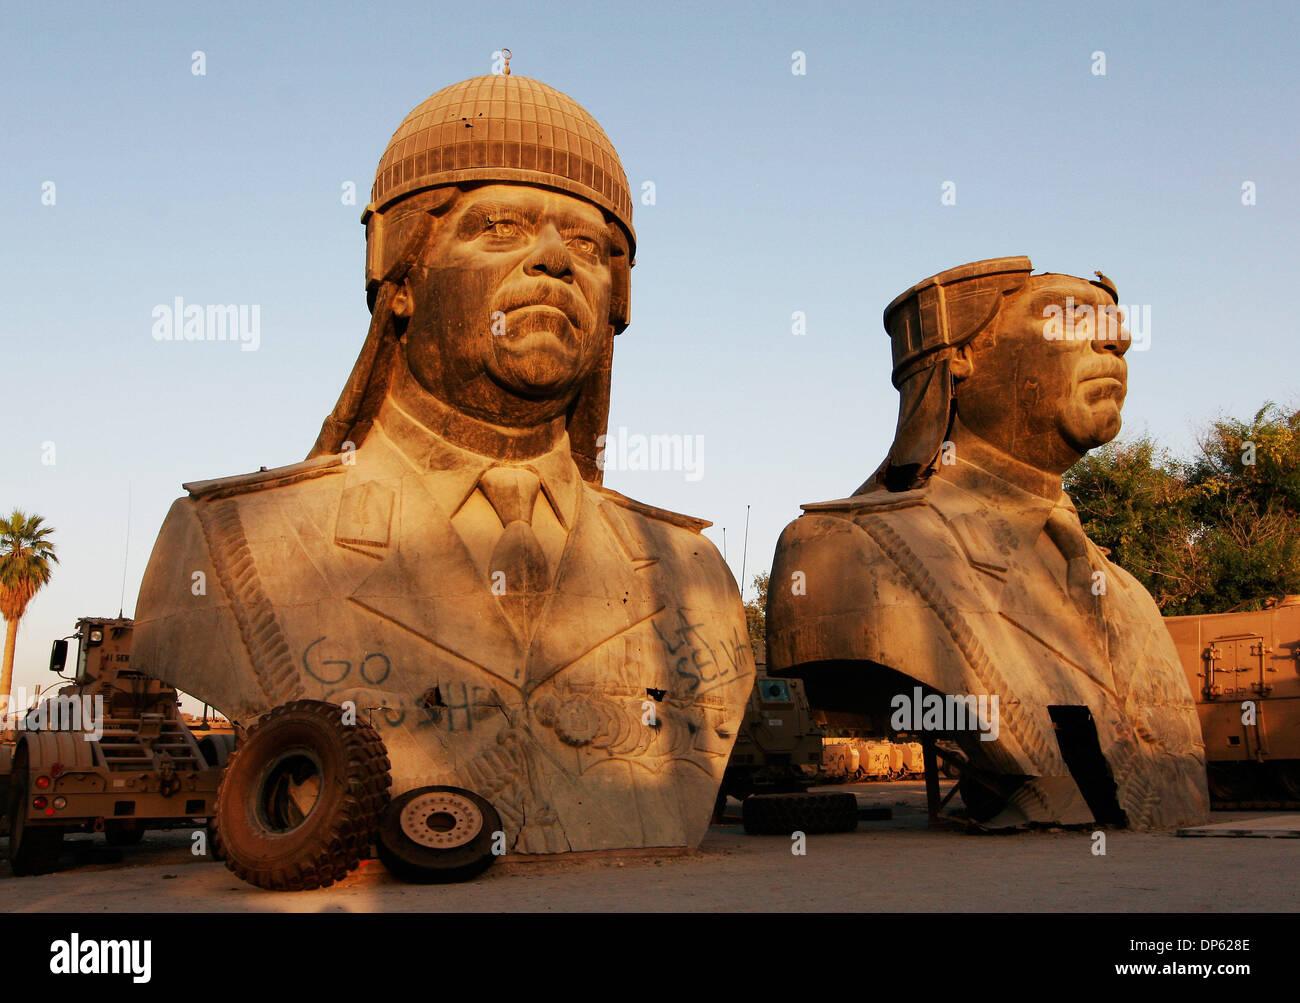 Jun 04, 2006; Bagdá, Iraque; derrubado 20 pé estátuas de Saddam Hussein, tomadas a partir de um dos Imagens de Stock